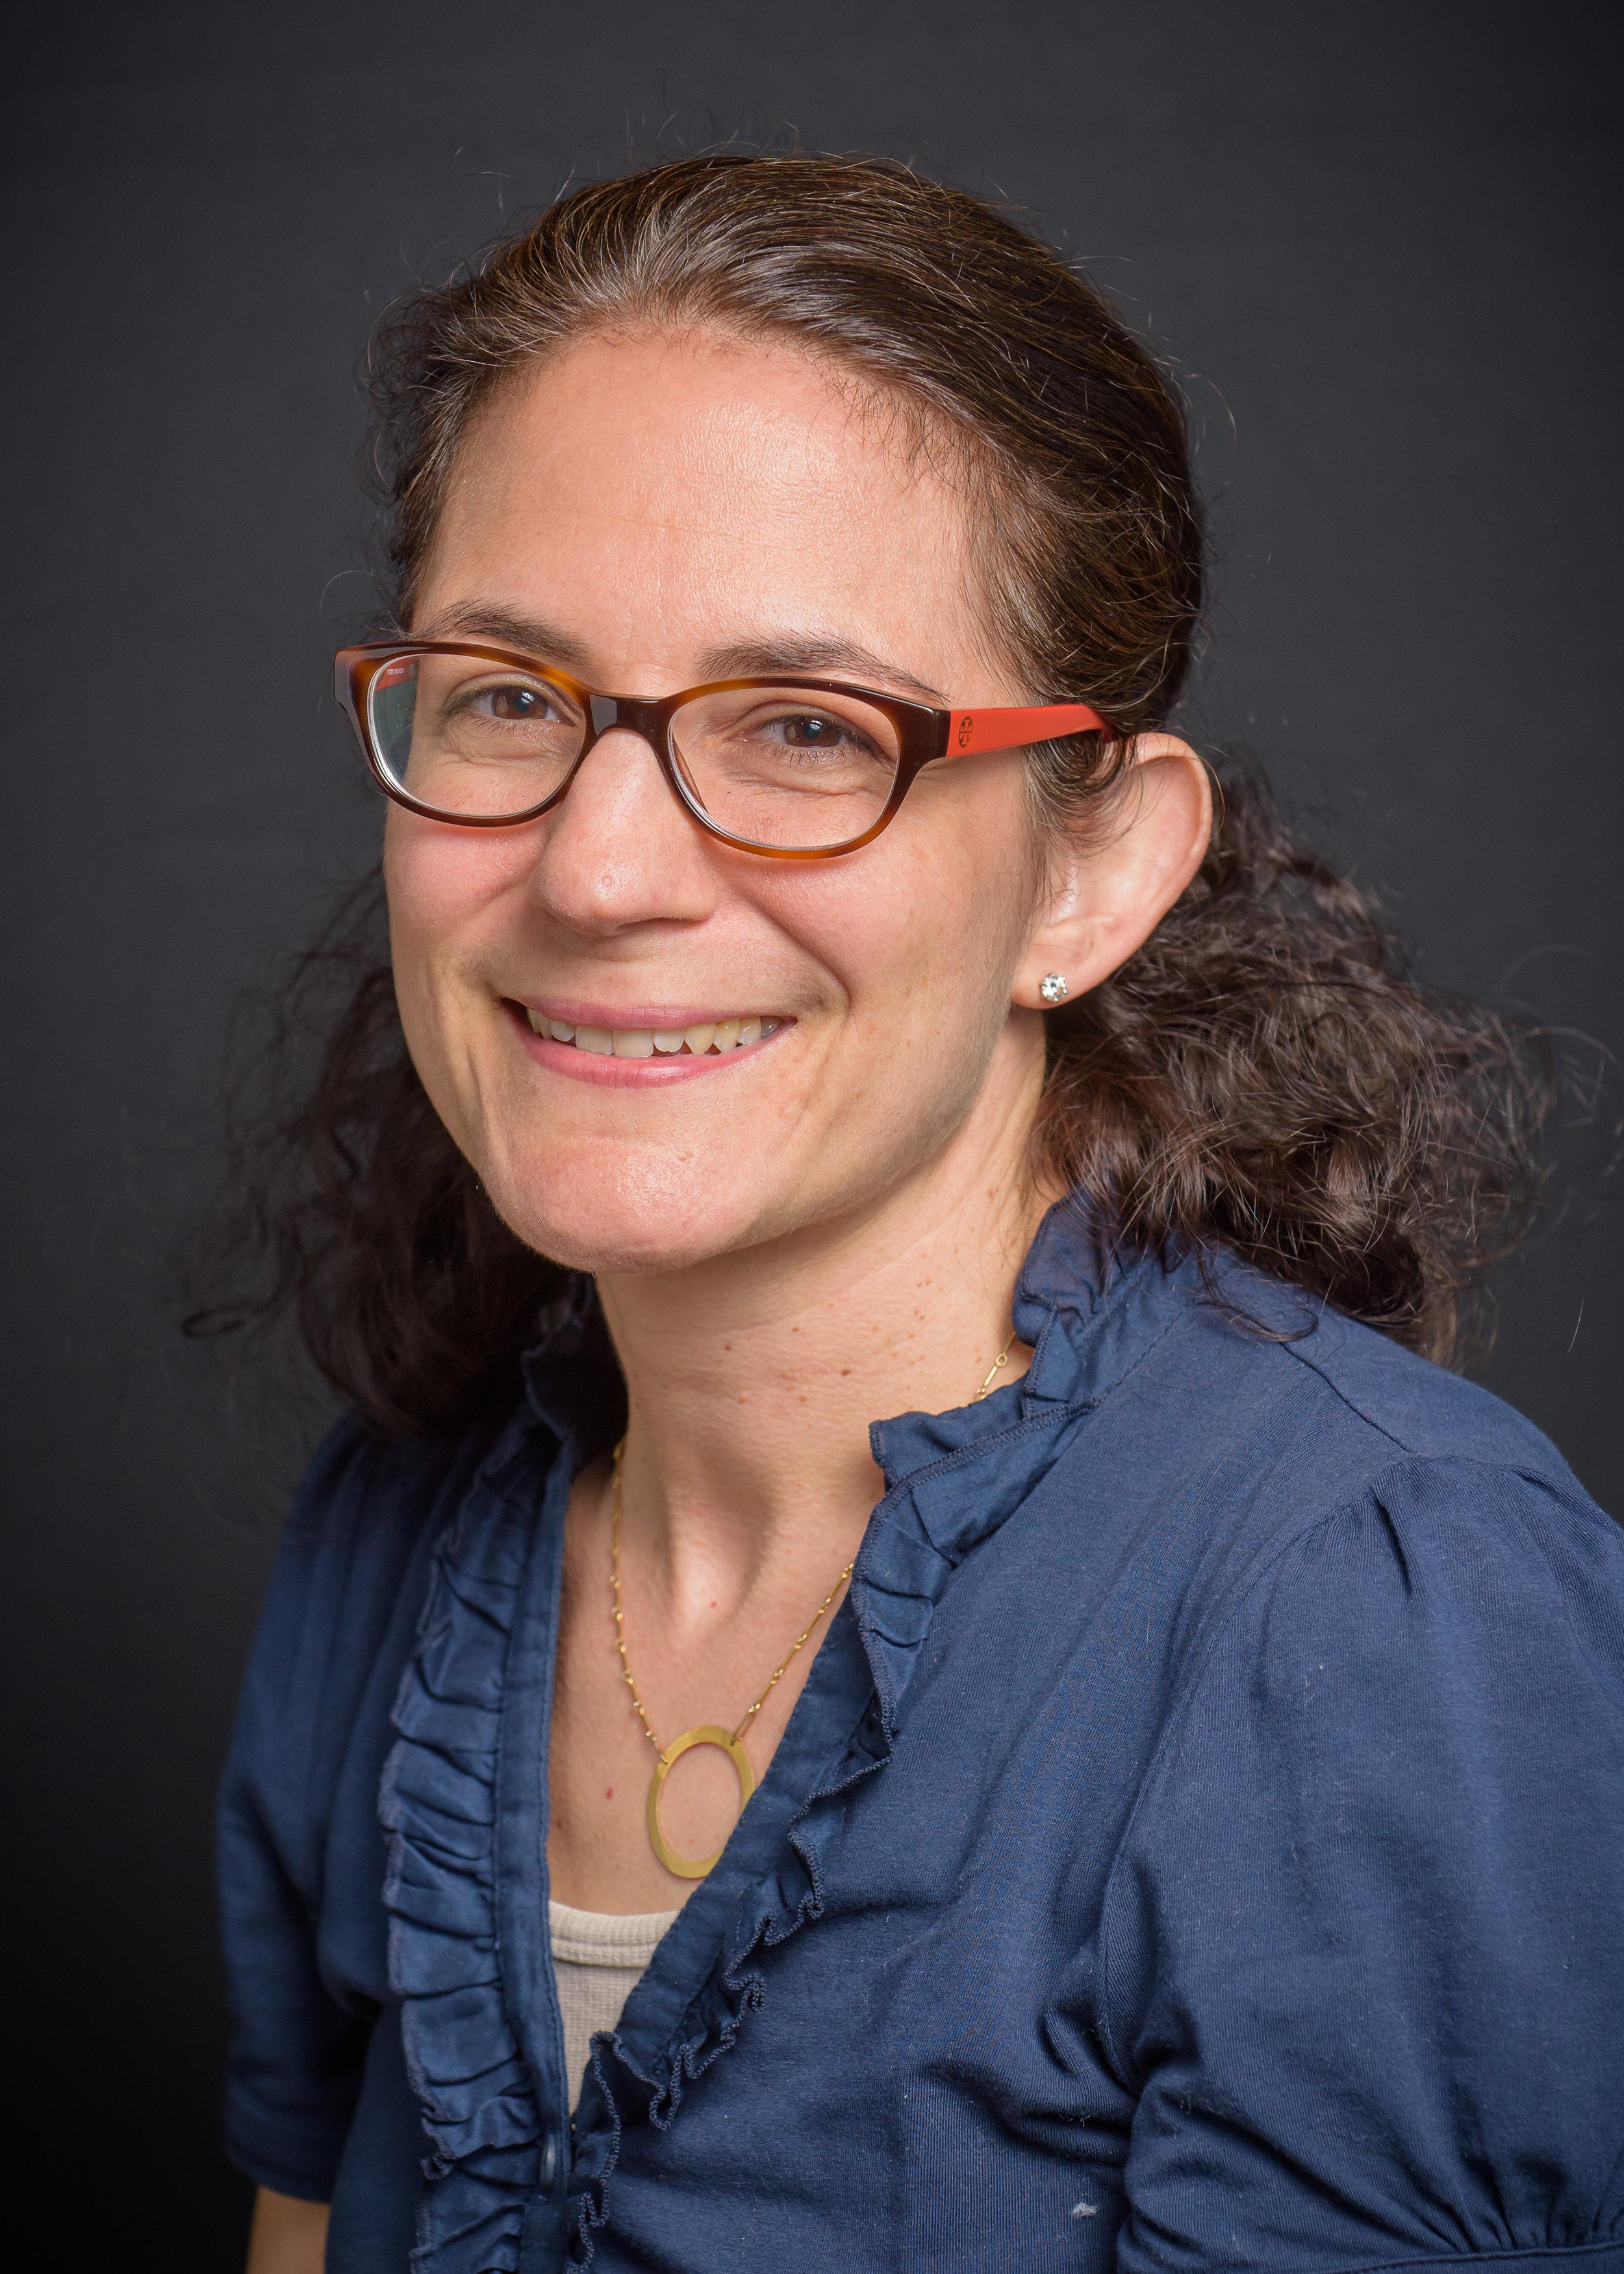 Adina Shoulson